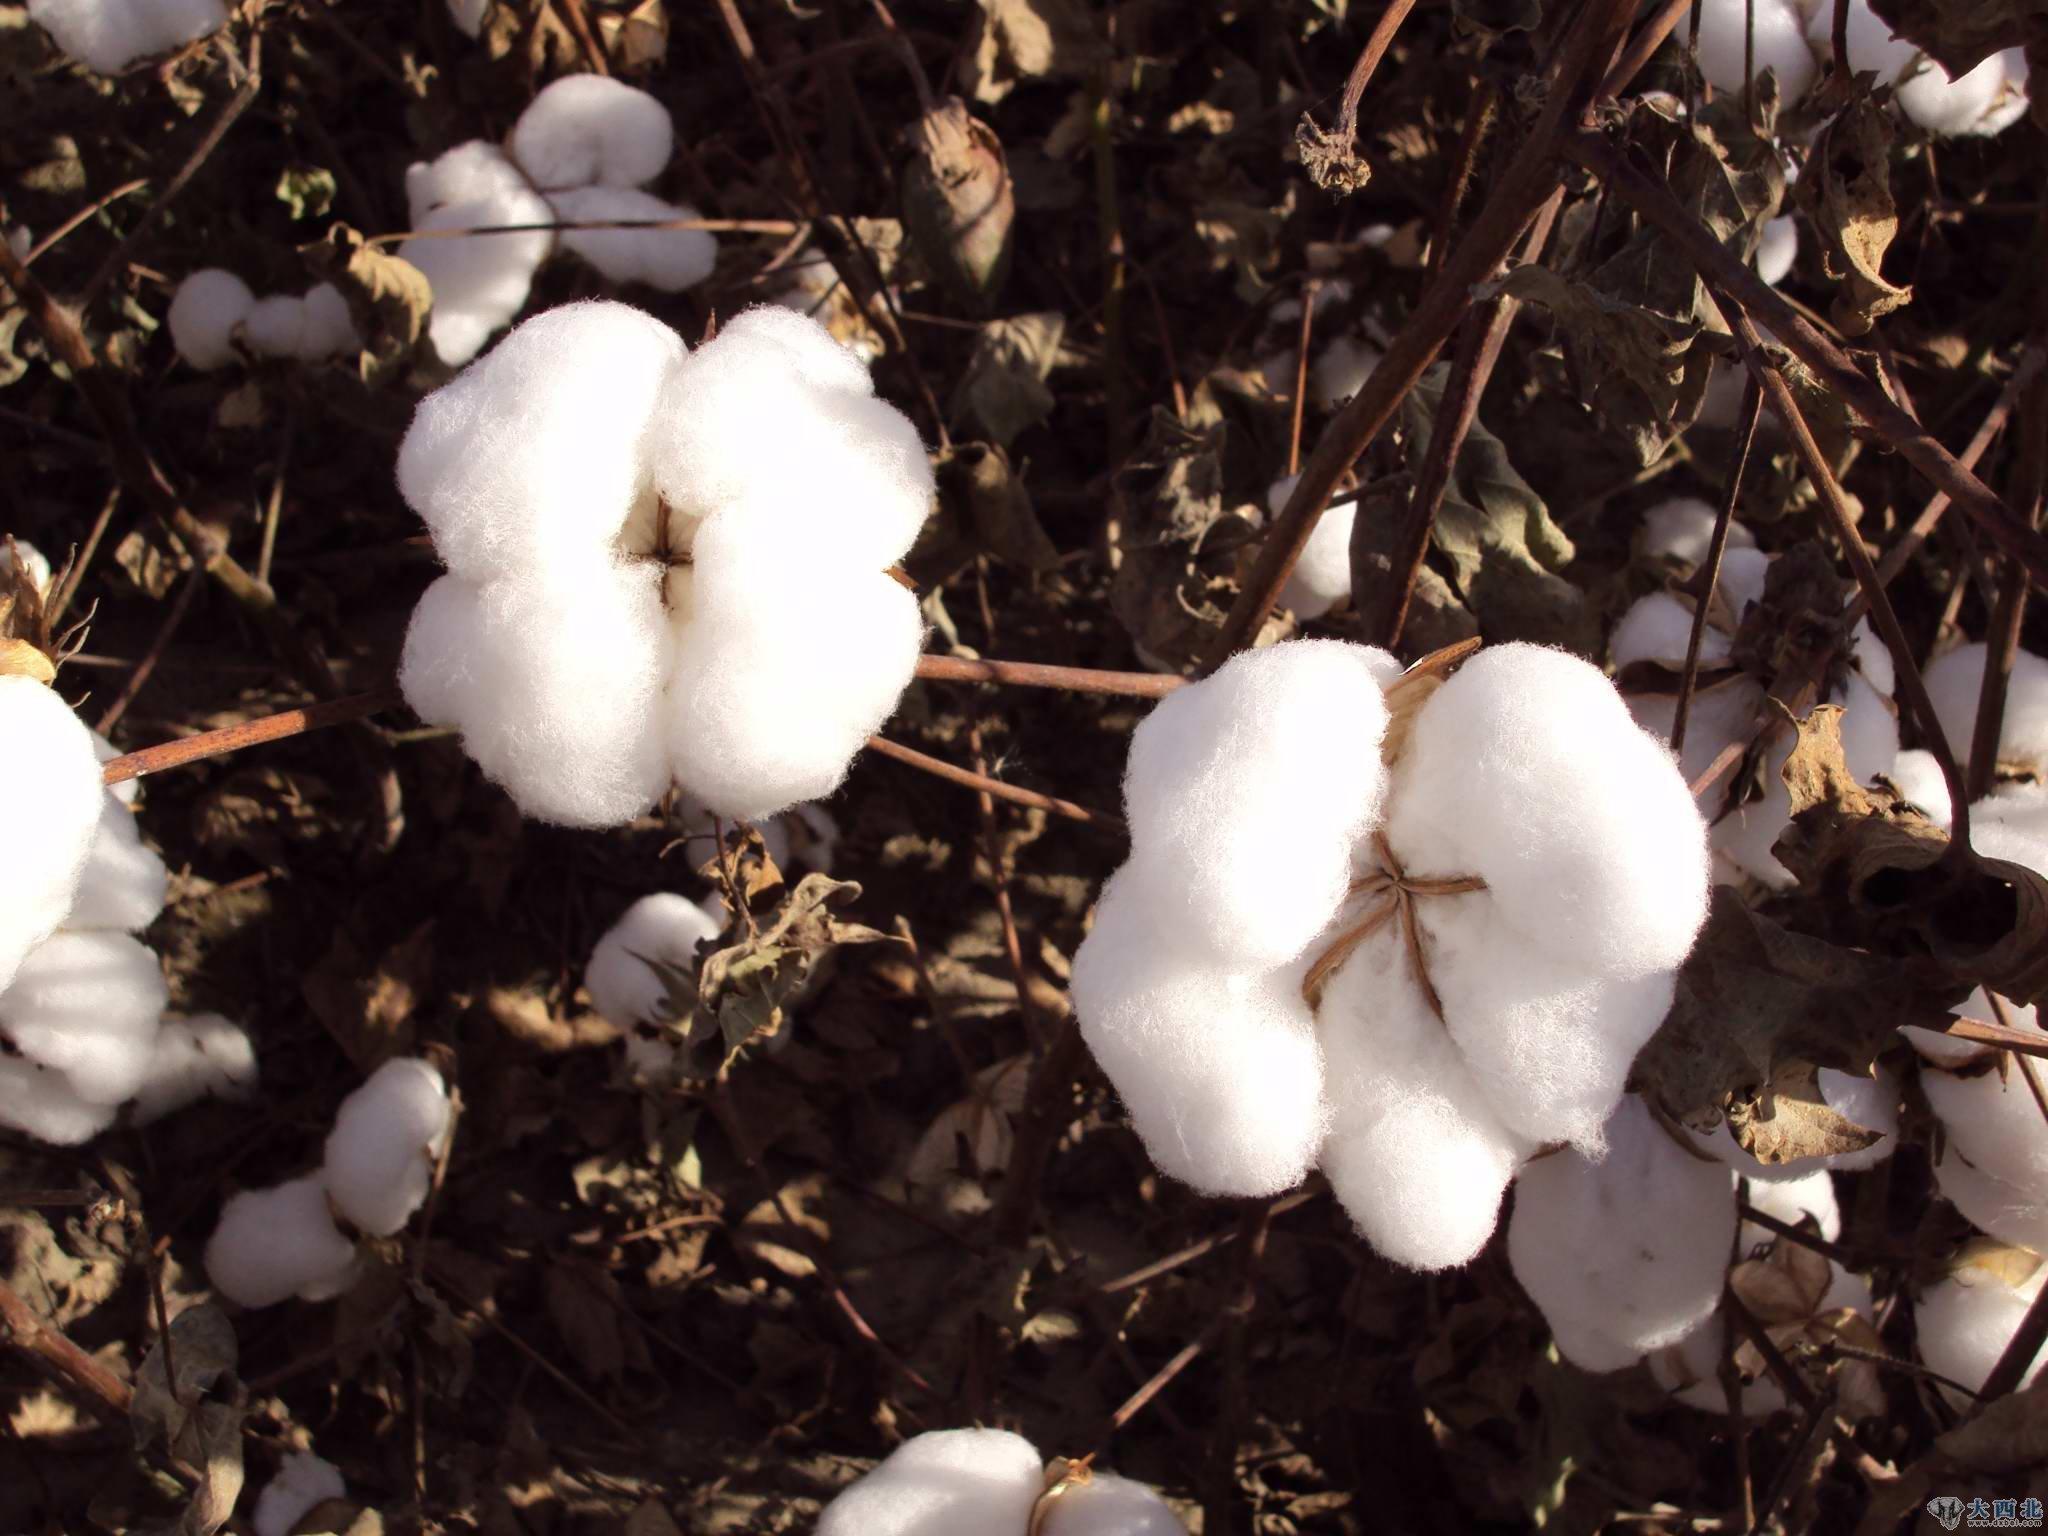 新疆棉花:长在树上的羊毛